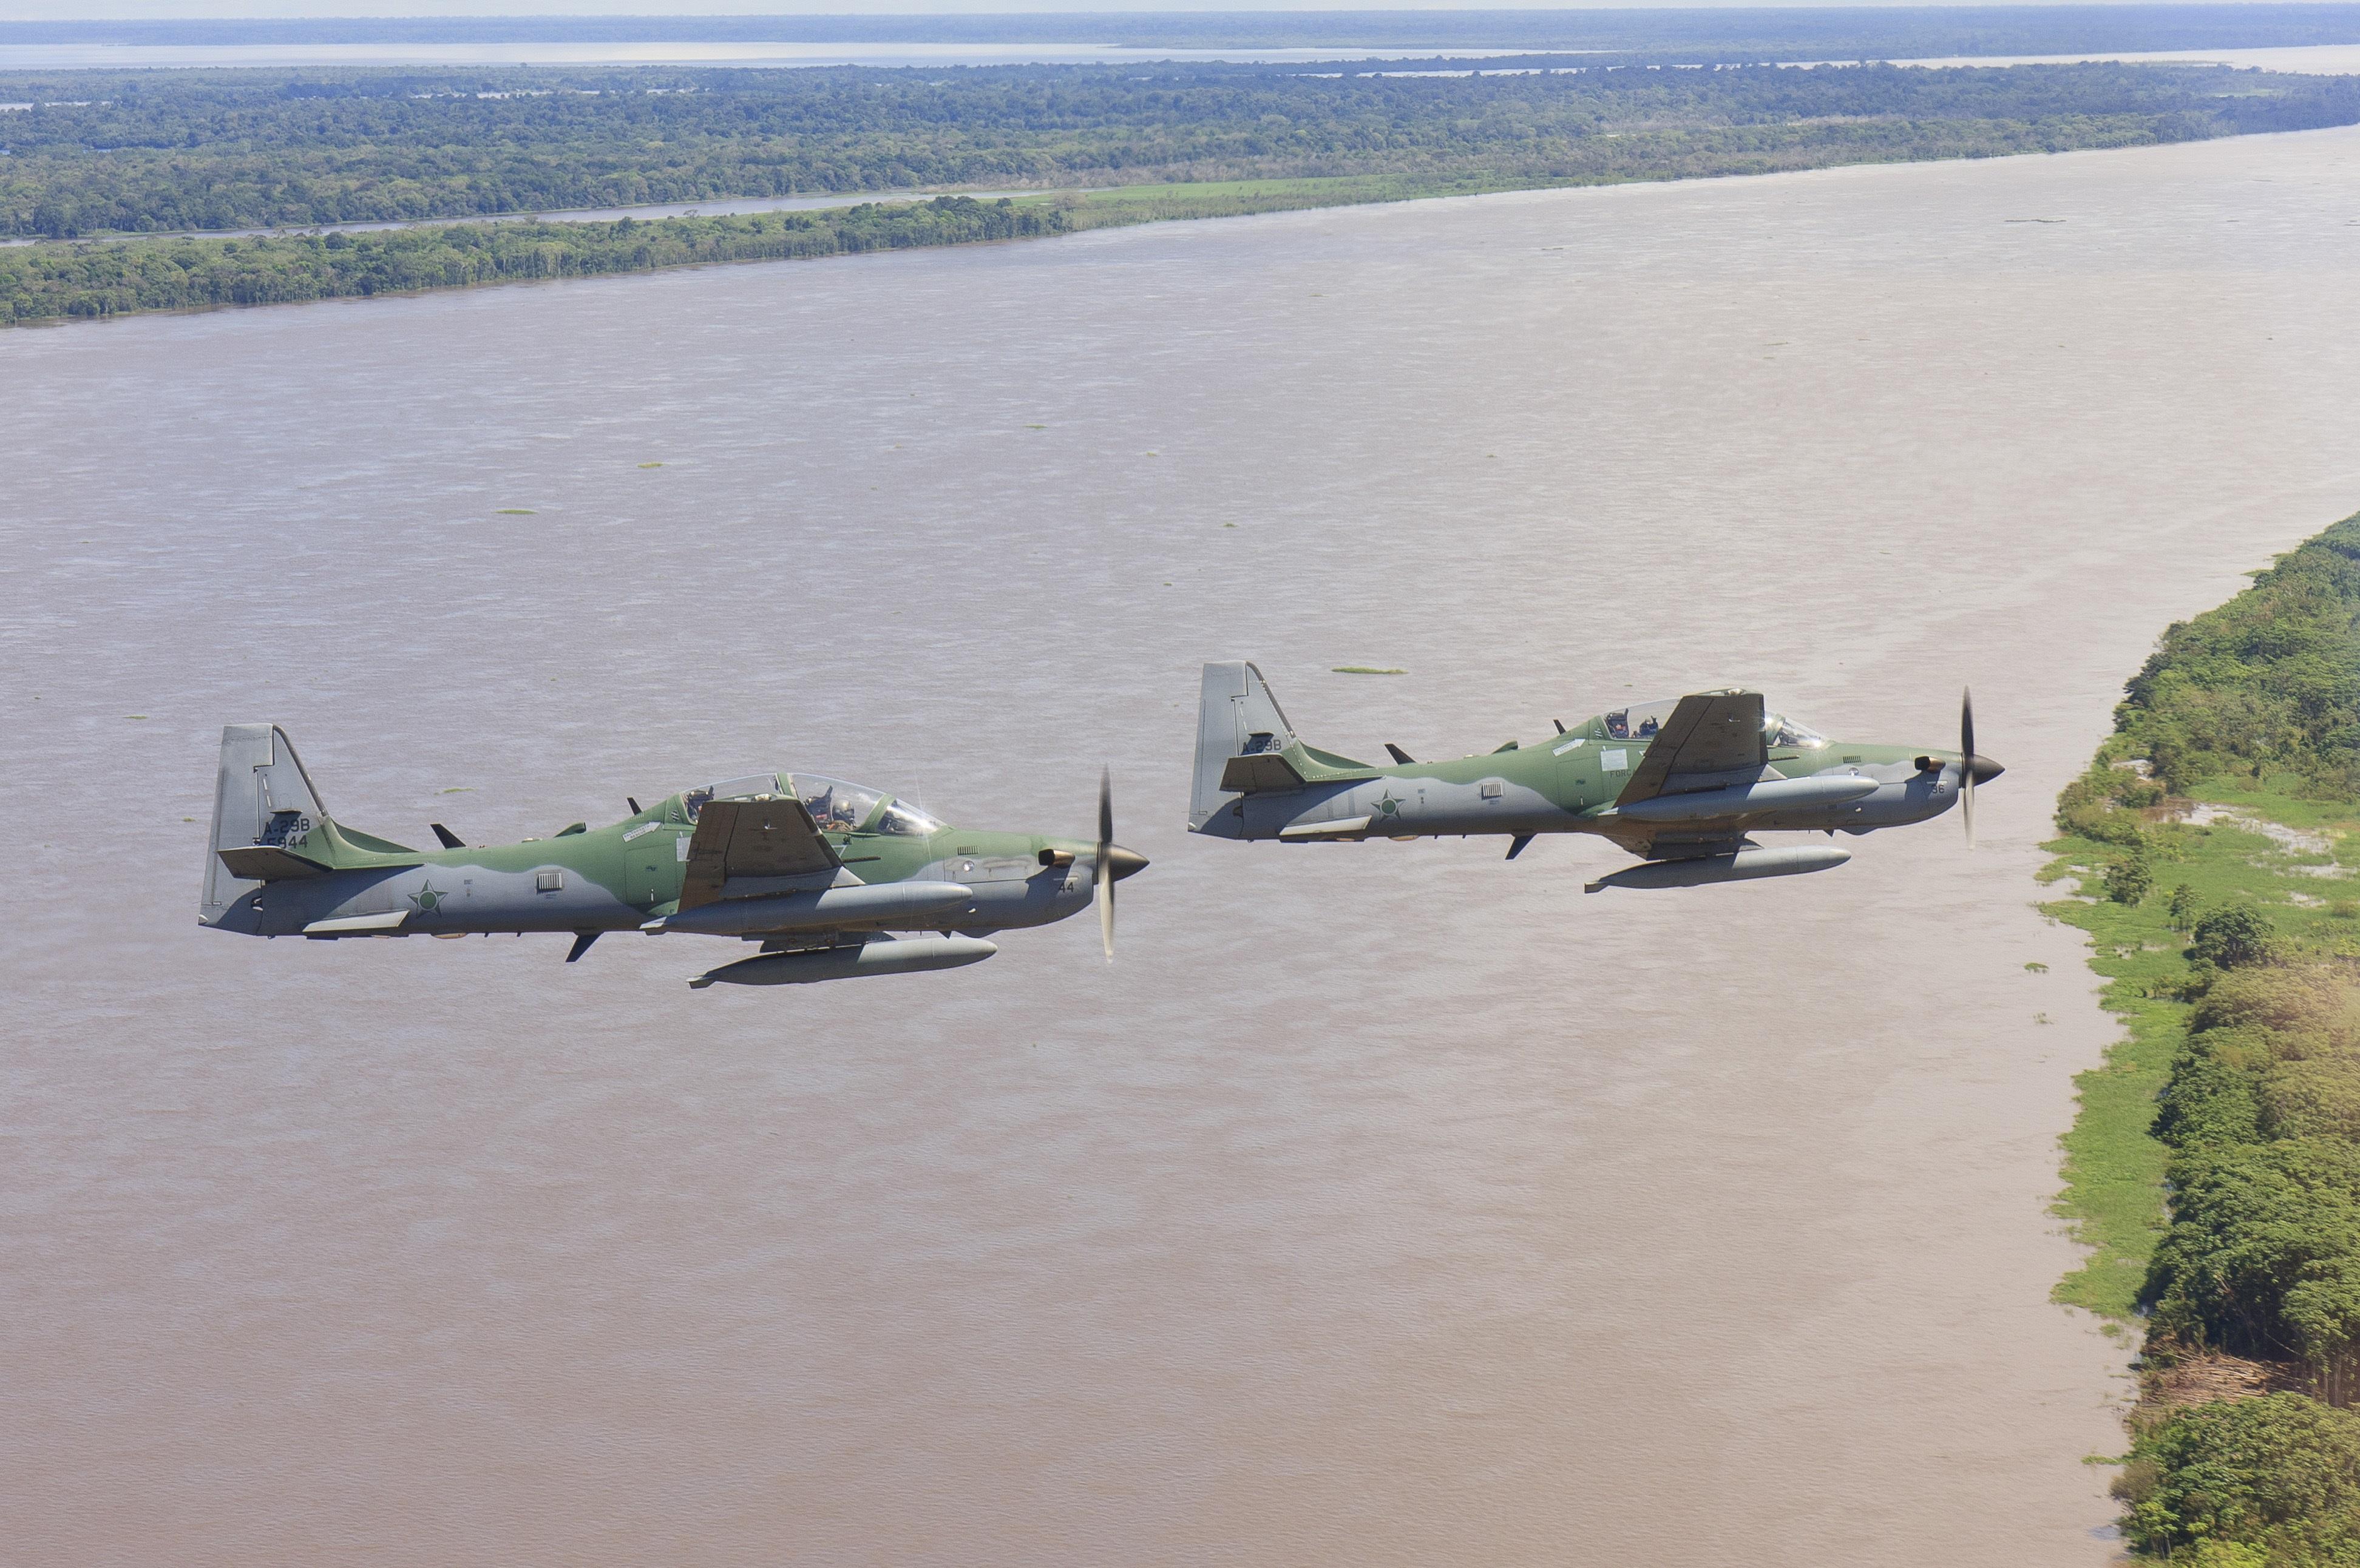 Aeronave A-29 Super Tucano em voo sobre a Floresta Amazônica.